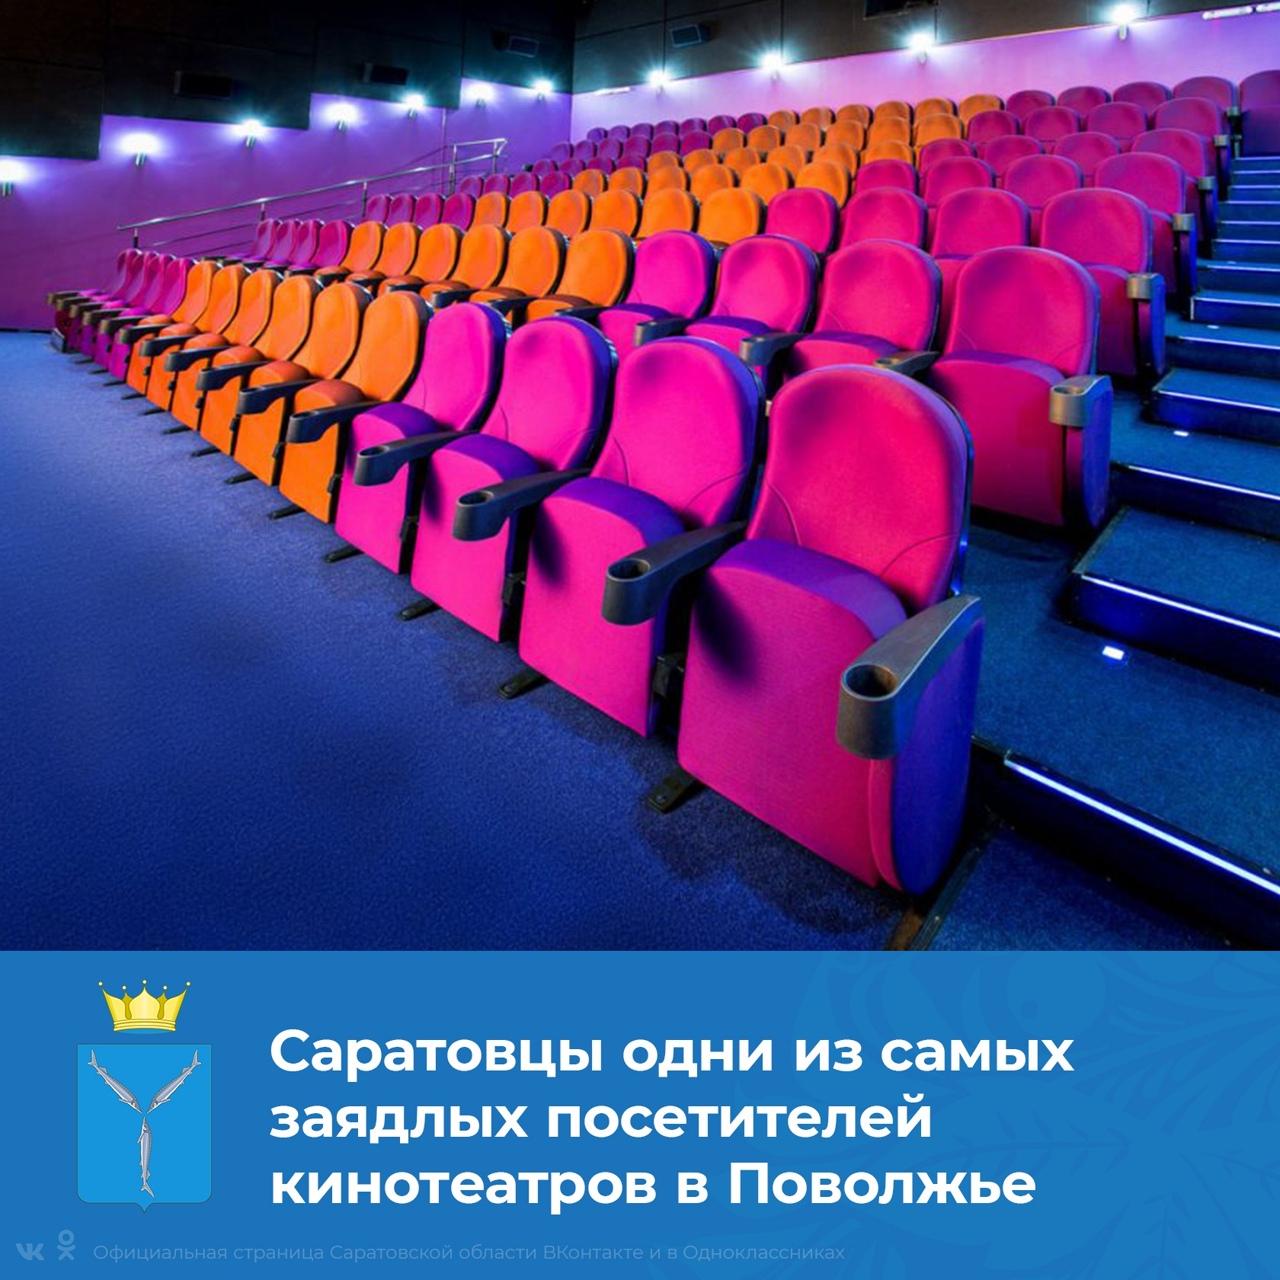 Саратовская область по итогам 2020 года стала четвертой в рейтинге посещаемости кинозалов Приволжского федерального округа, переоборудованных в рамках национального проекта Президента РФ «Кул